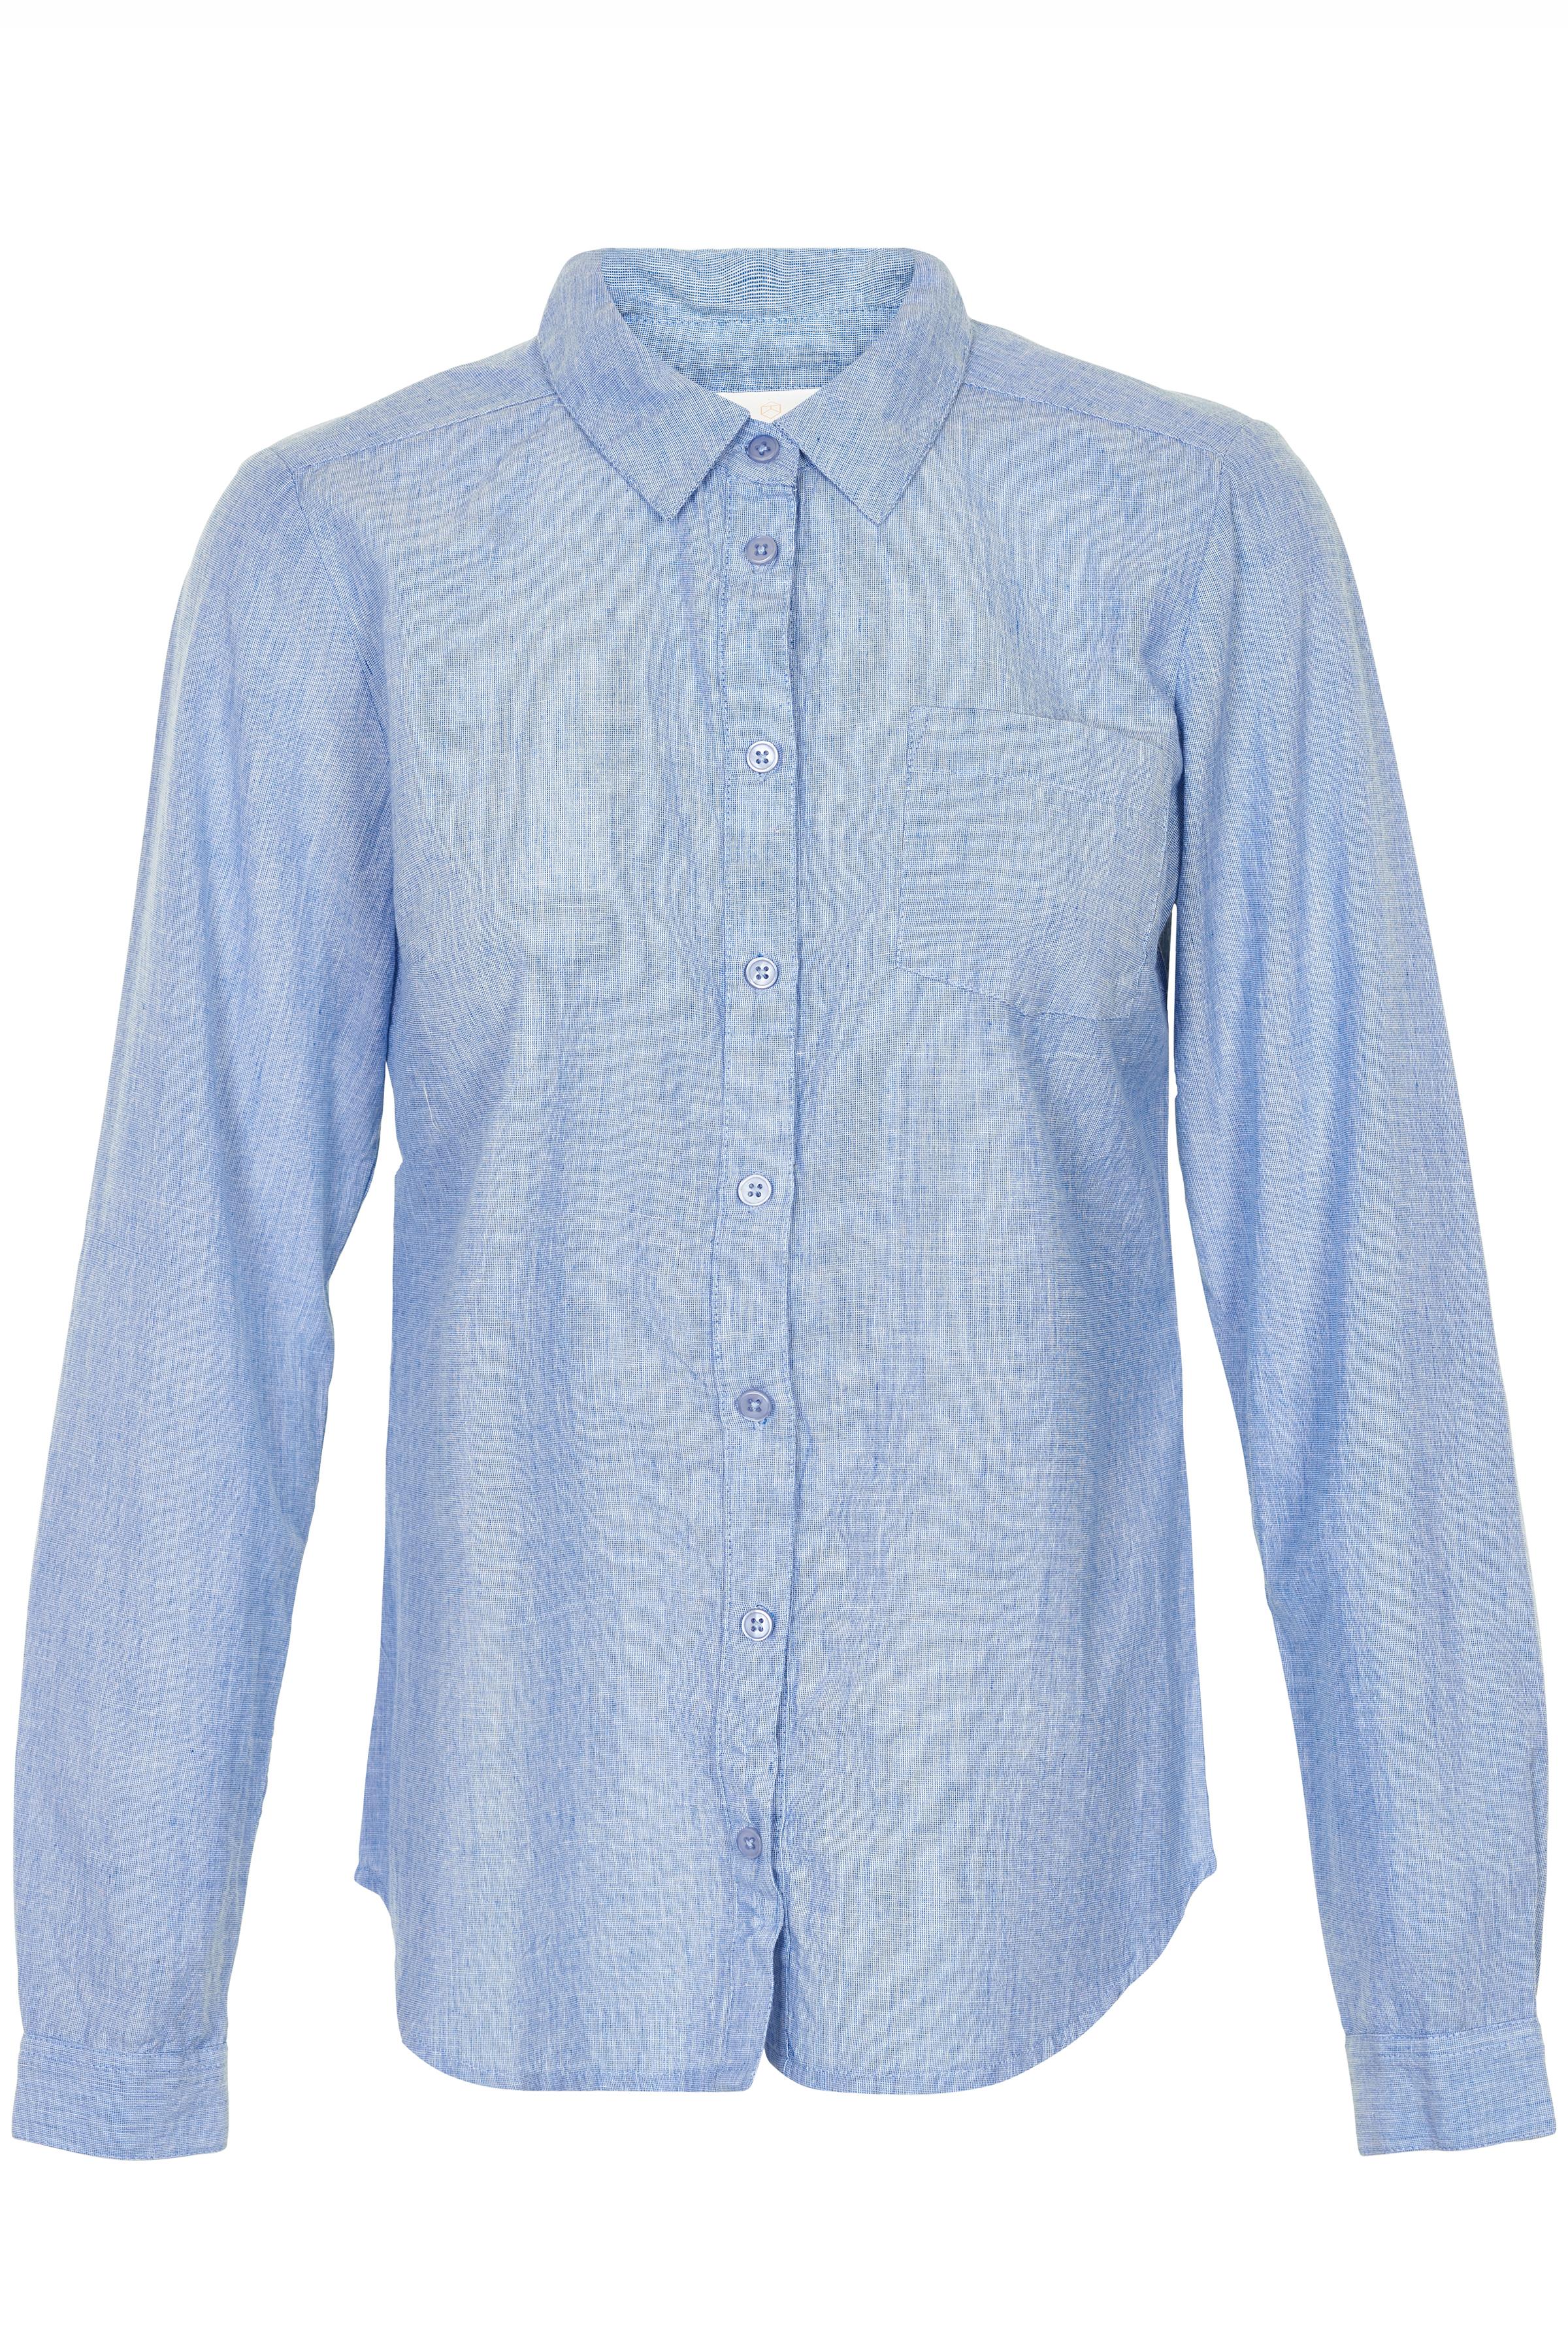 Lyseblå Langærmet skjorte fra Kaffe – Køb Lyseblå Langærmet skjorte fra str. 34-46 her